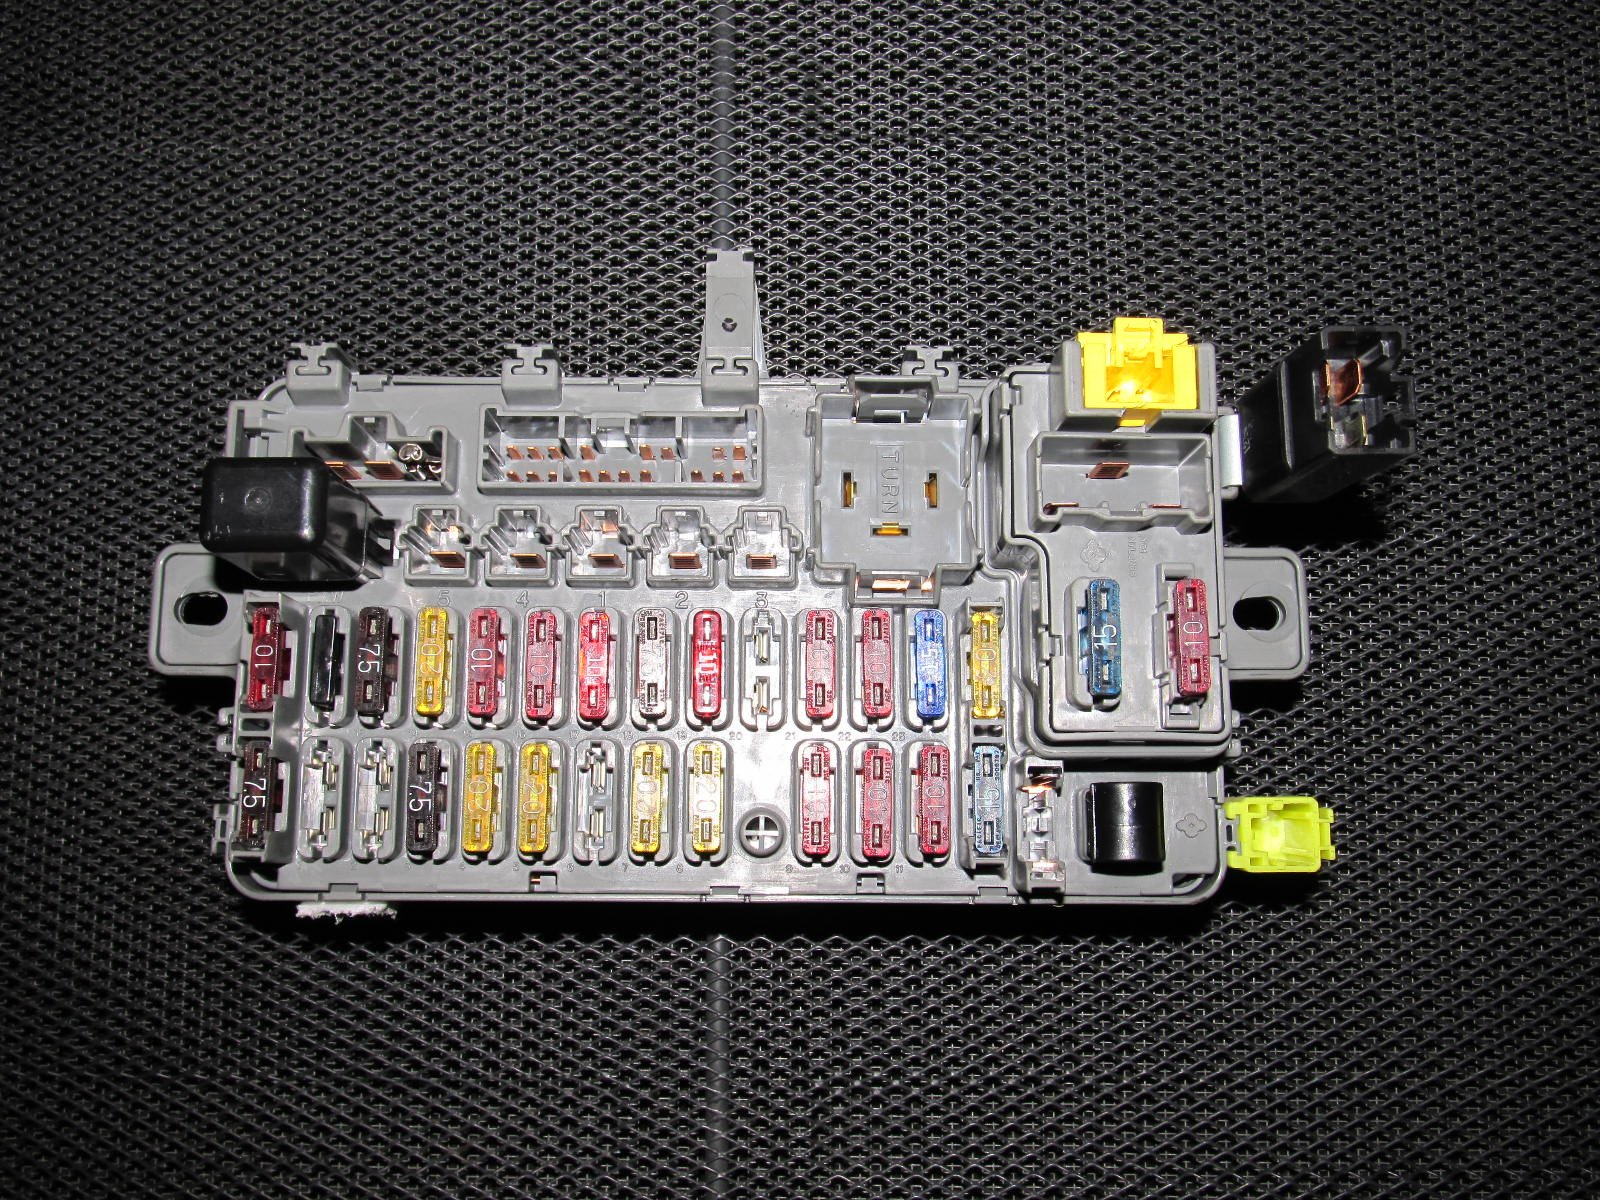 [DIAGRAM_5FD]  VL_1583] 1993 Honda Del Sol Wiring Diagram Download Diagram | 94 Honda Del Sol Fuse Diagram |  | Argu Inki Erek Papxe Mohammedshrine Librar Wiring 101